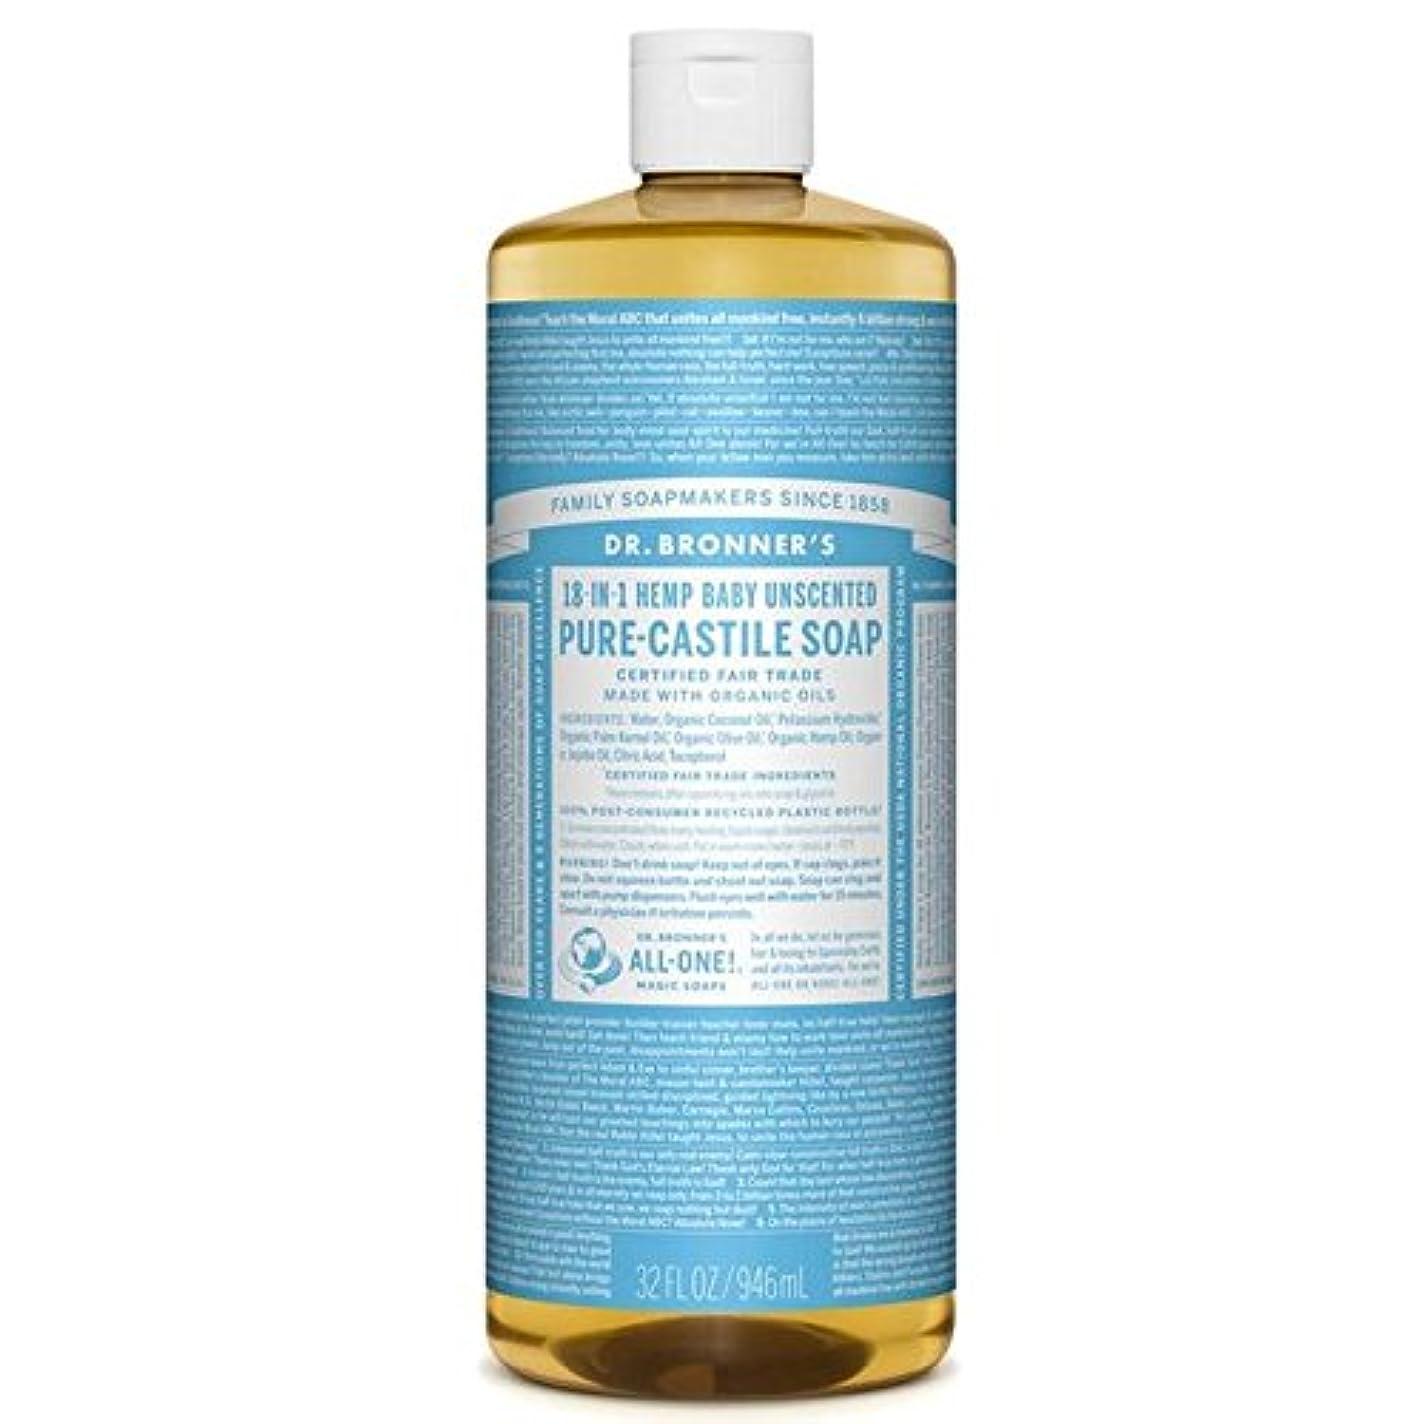 粘土ふくろうギャラントリーDr Bronner Organic Baby Mild Castile Liquid Soap 946ml - のブロナーオーガニックベビーマイルドなカスティーリャ液体石鹸946ミリリットル [並行輸入品]